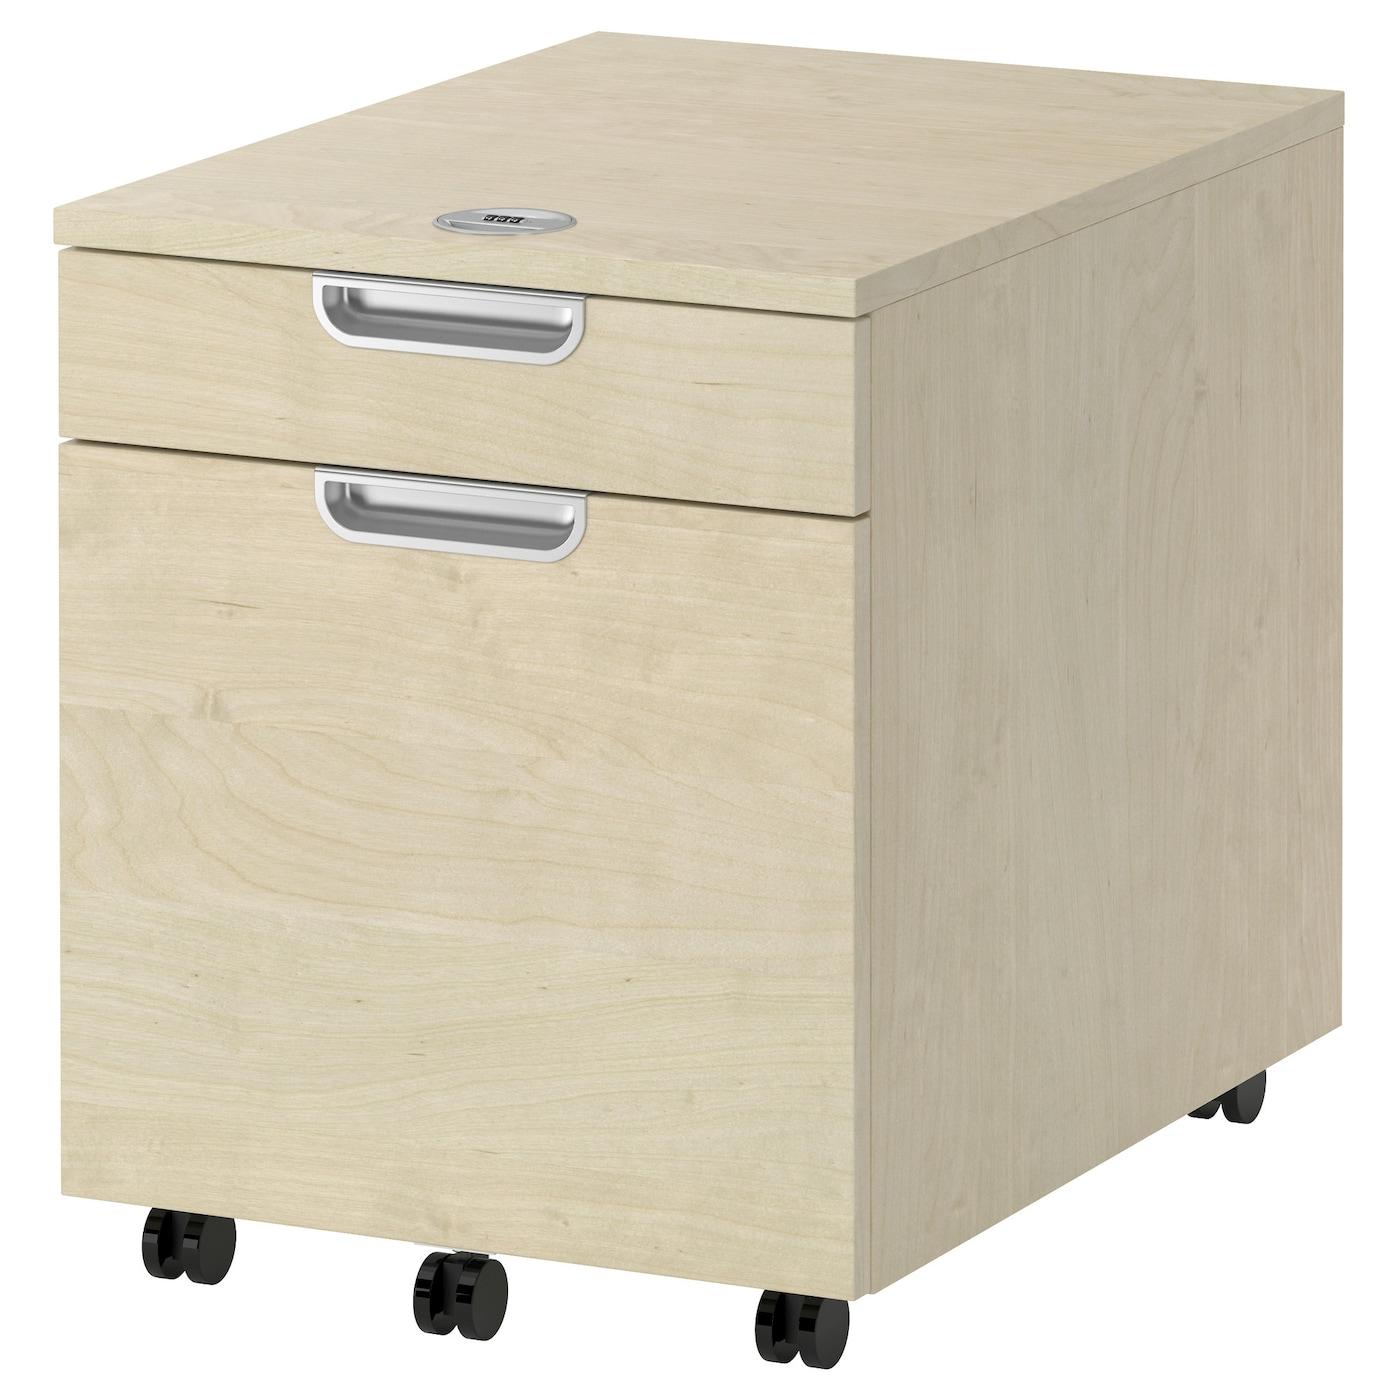 galant caisson dossiers suspendus plaqu bouleau 45x55. Black Bedroom Furniture Sets. Home Design Ideas